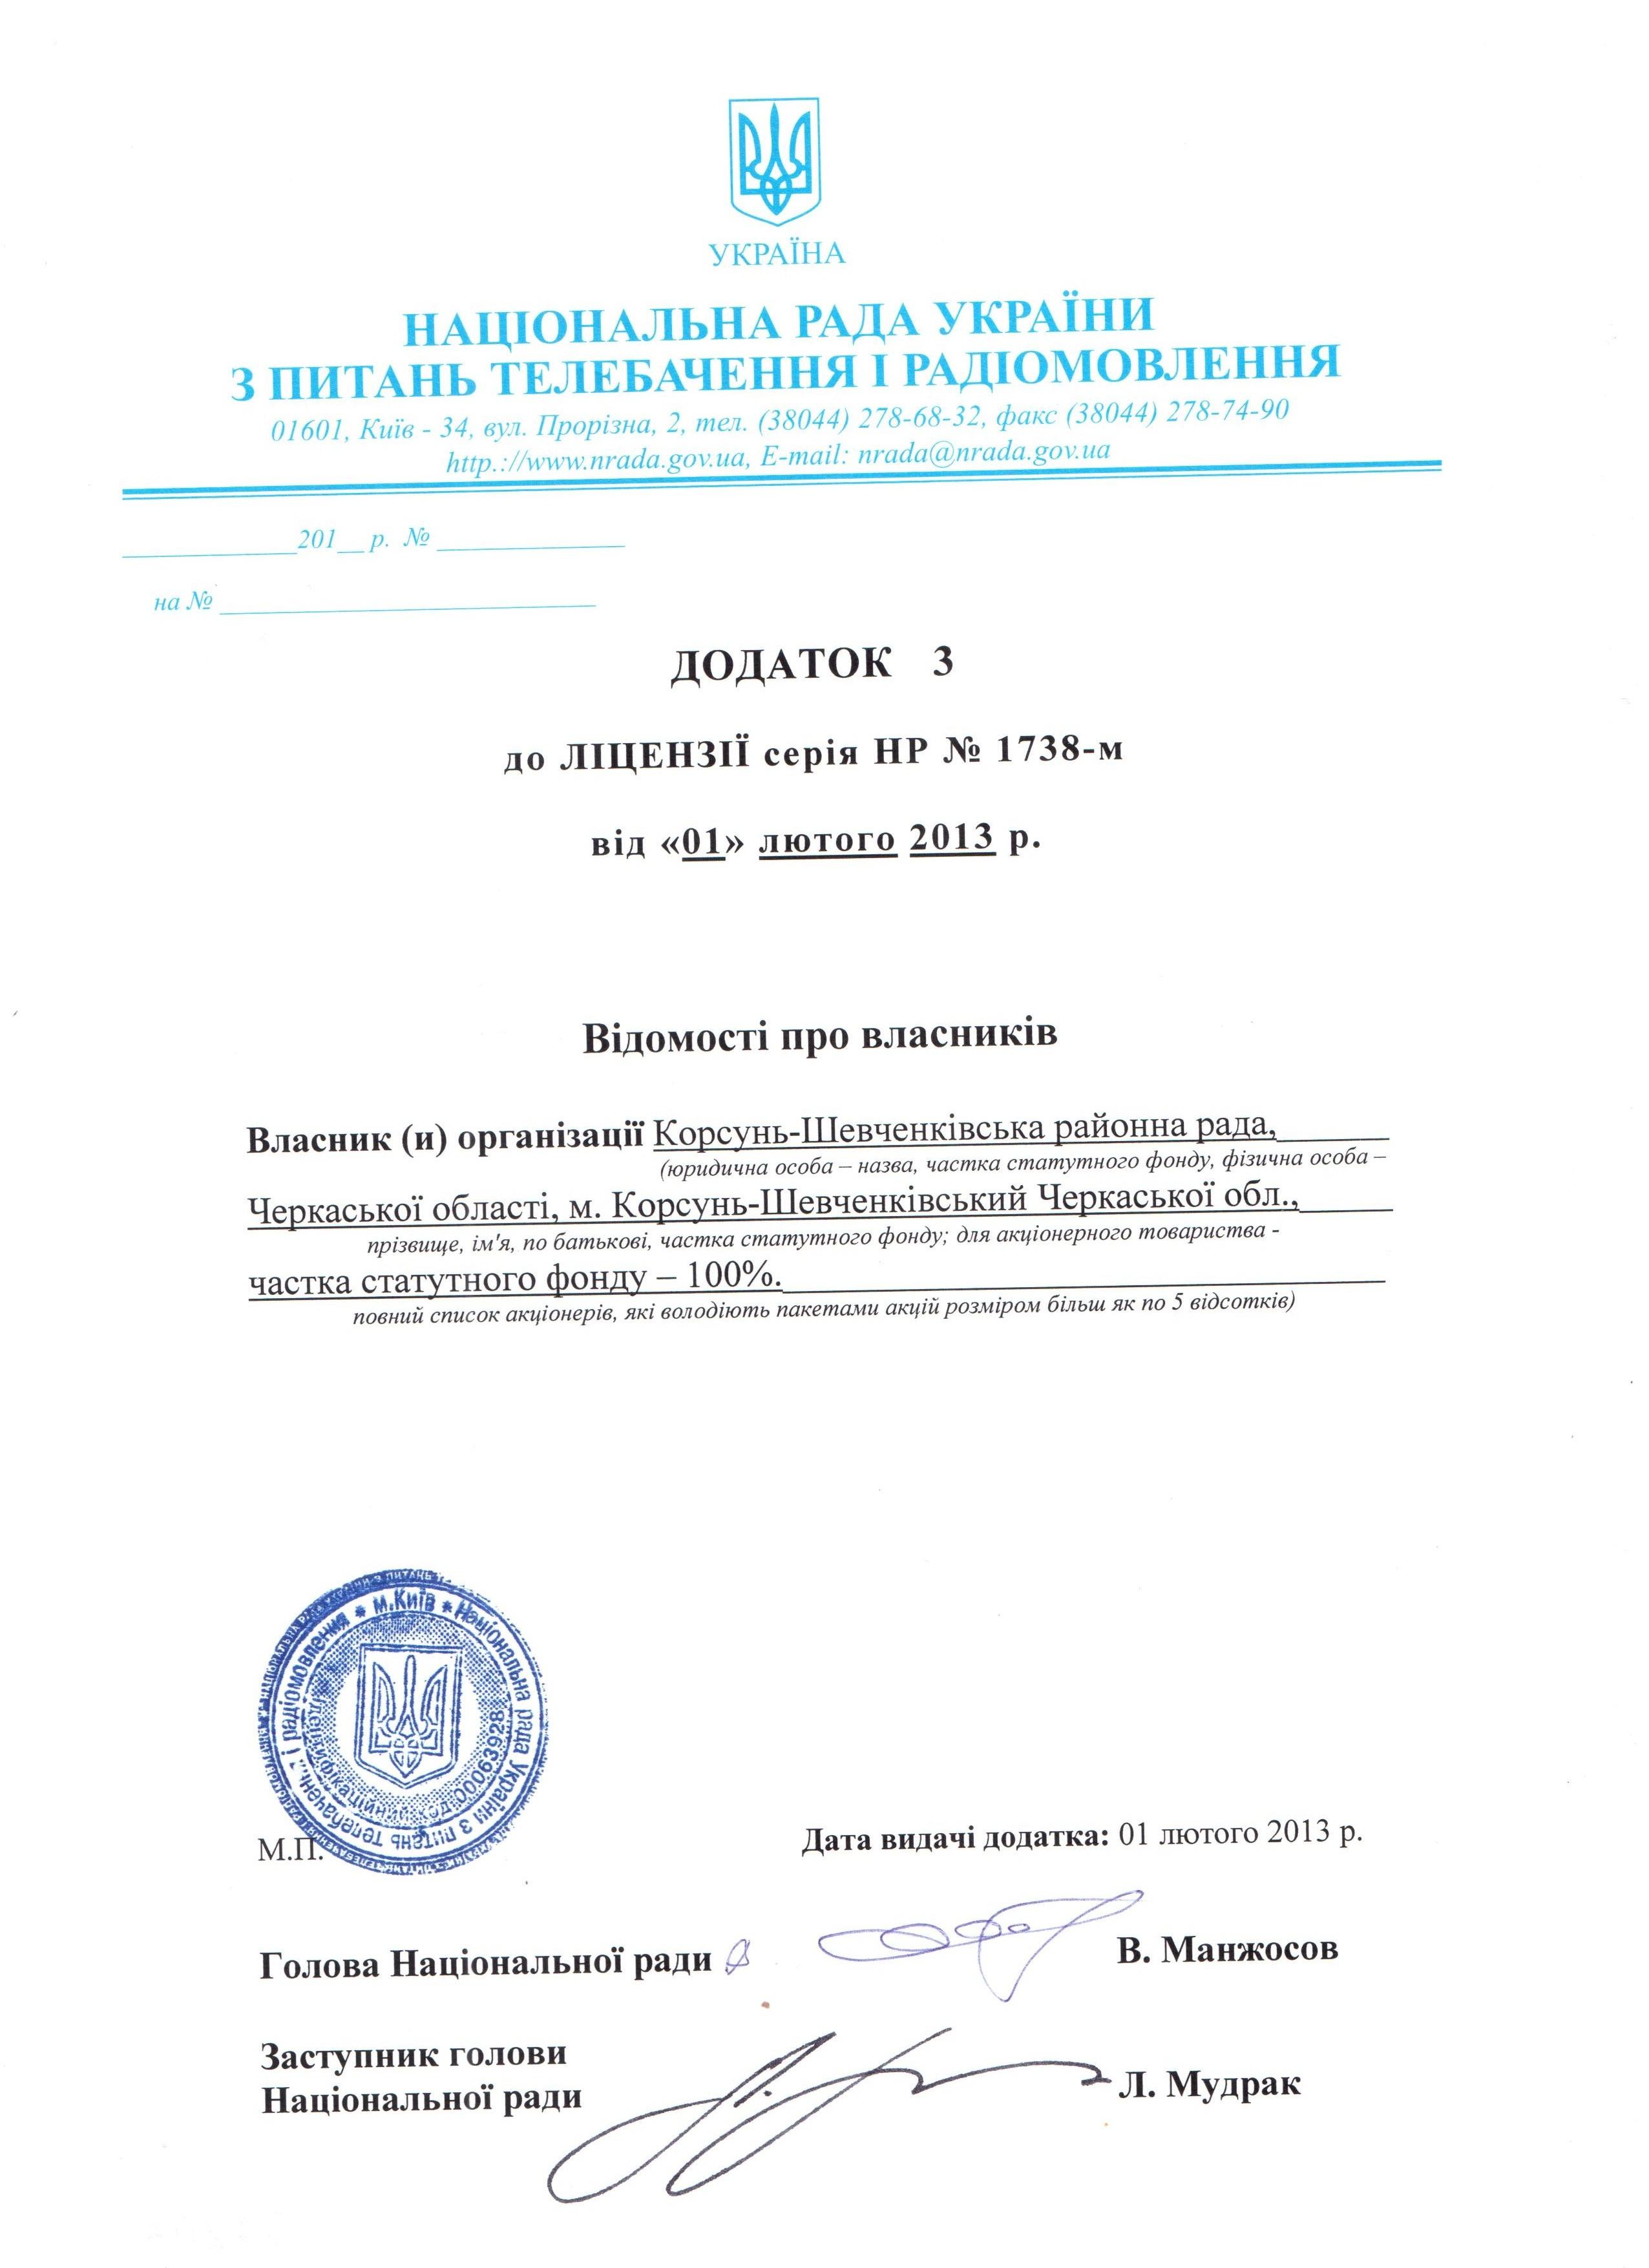 Додаток 3 до Ліц НР1738-м